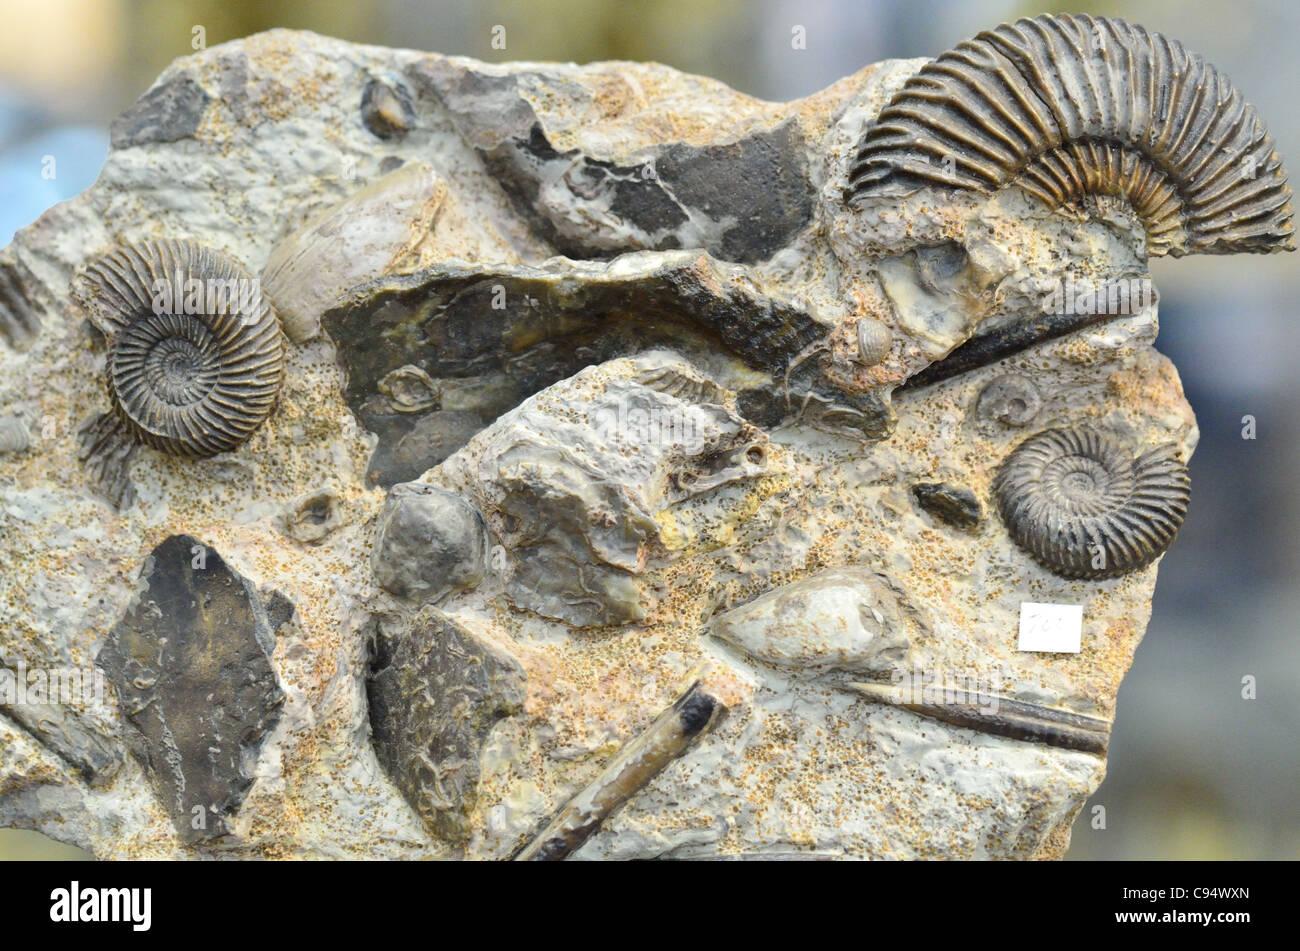 Animaux invertébrés marins fossilisés dans la matrice calcaire. Photo Stock